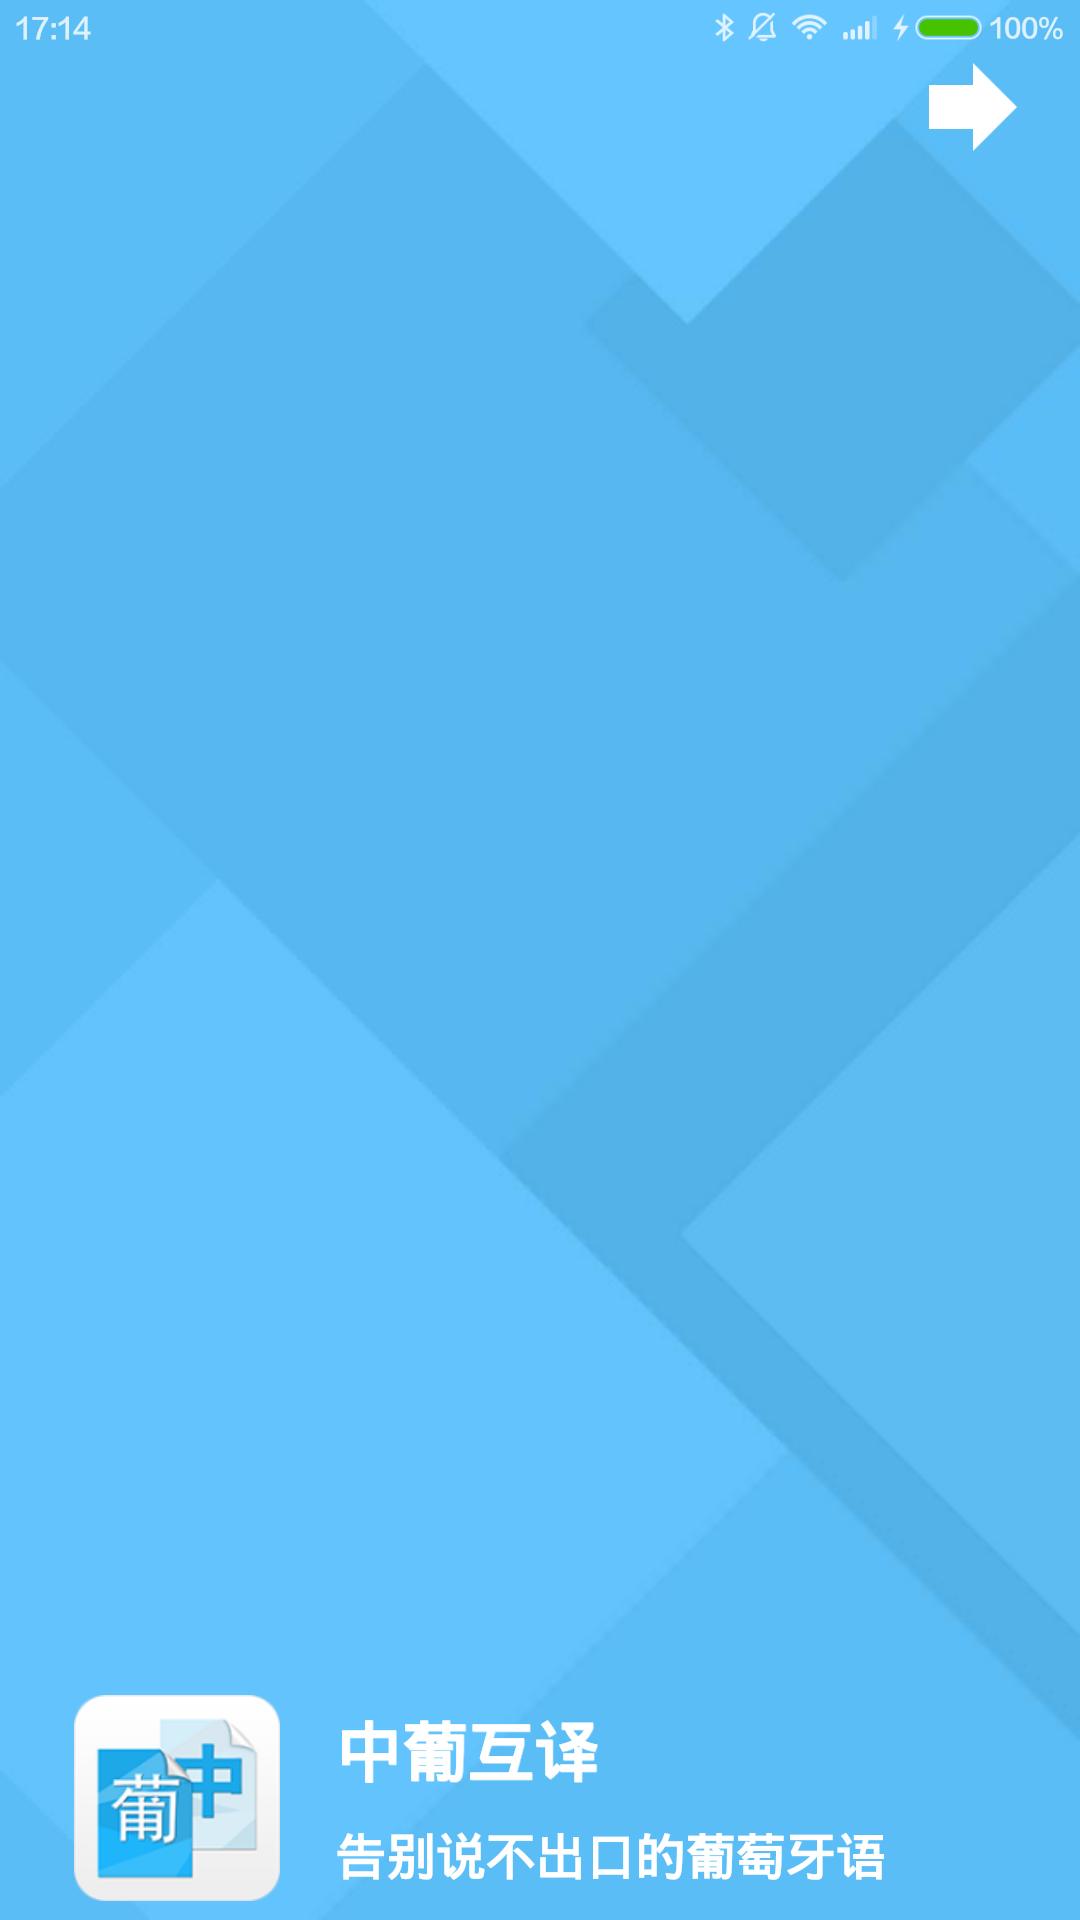 中葡互译 V1.0 安卓版截图1